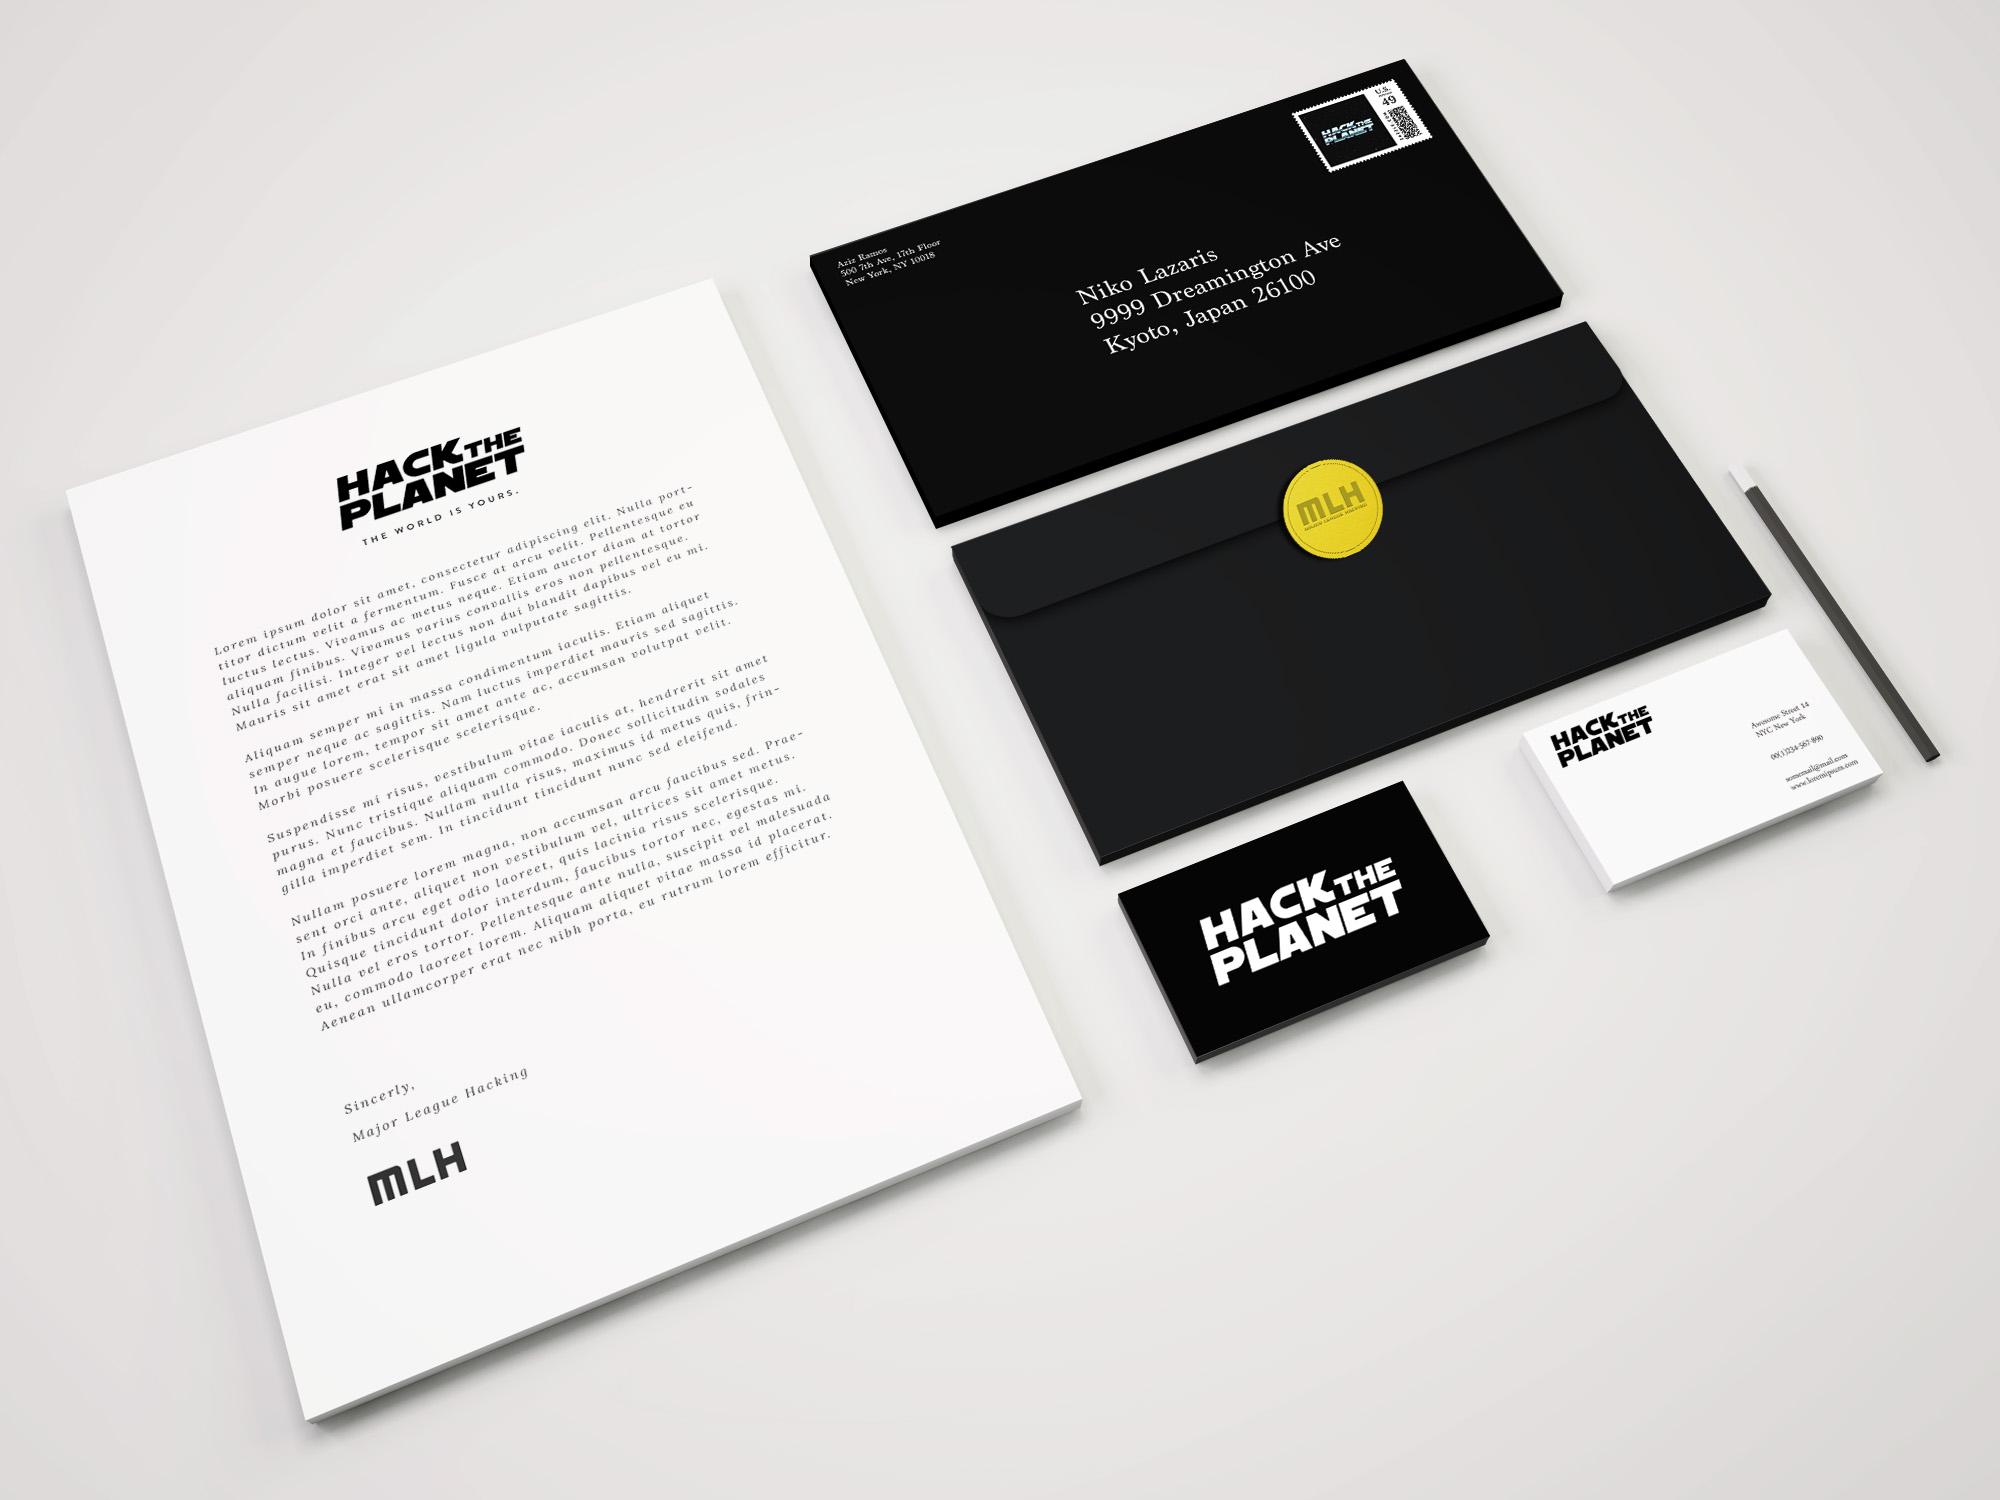 htp envelope package